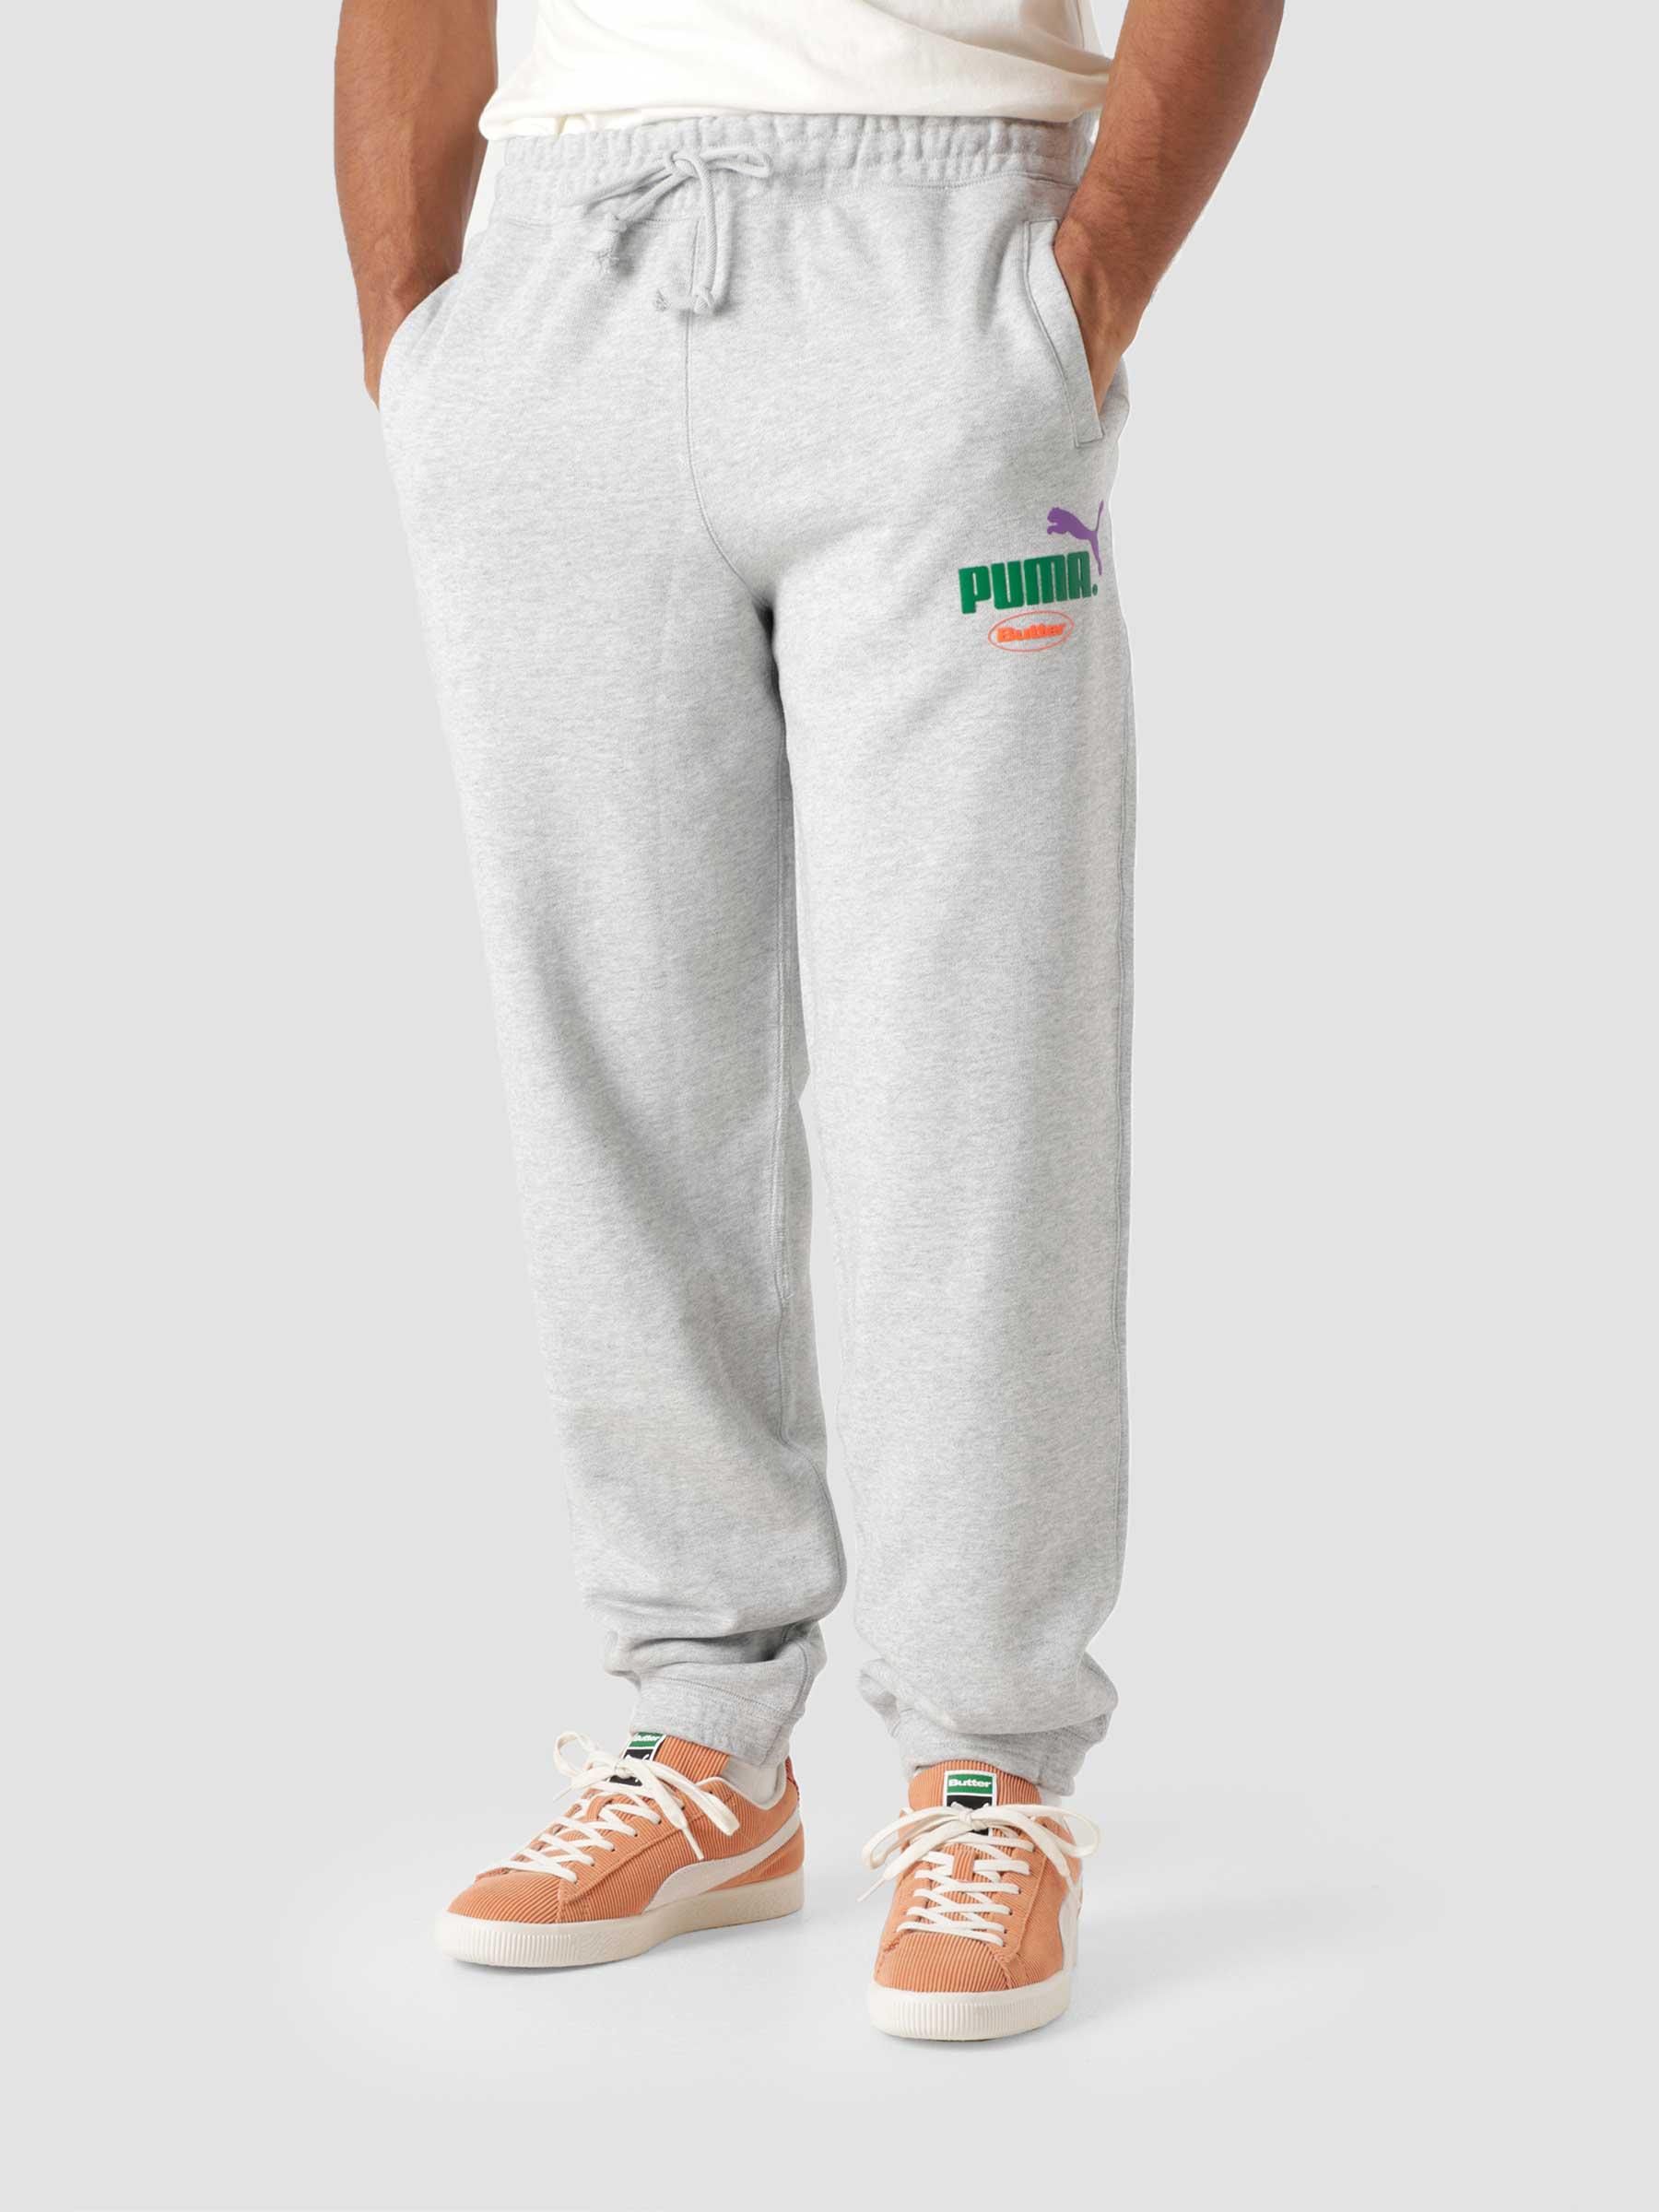 Puma X Butter Goods Sweatpants Light Gray Heather 53244304